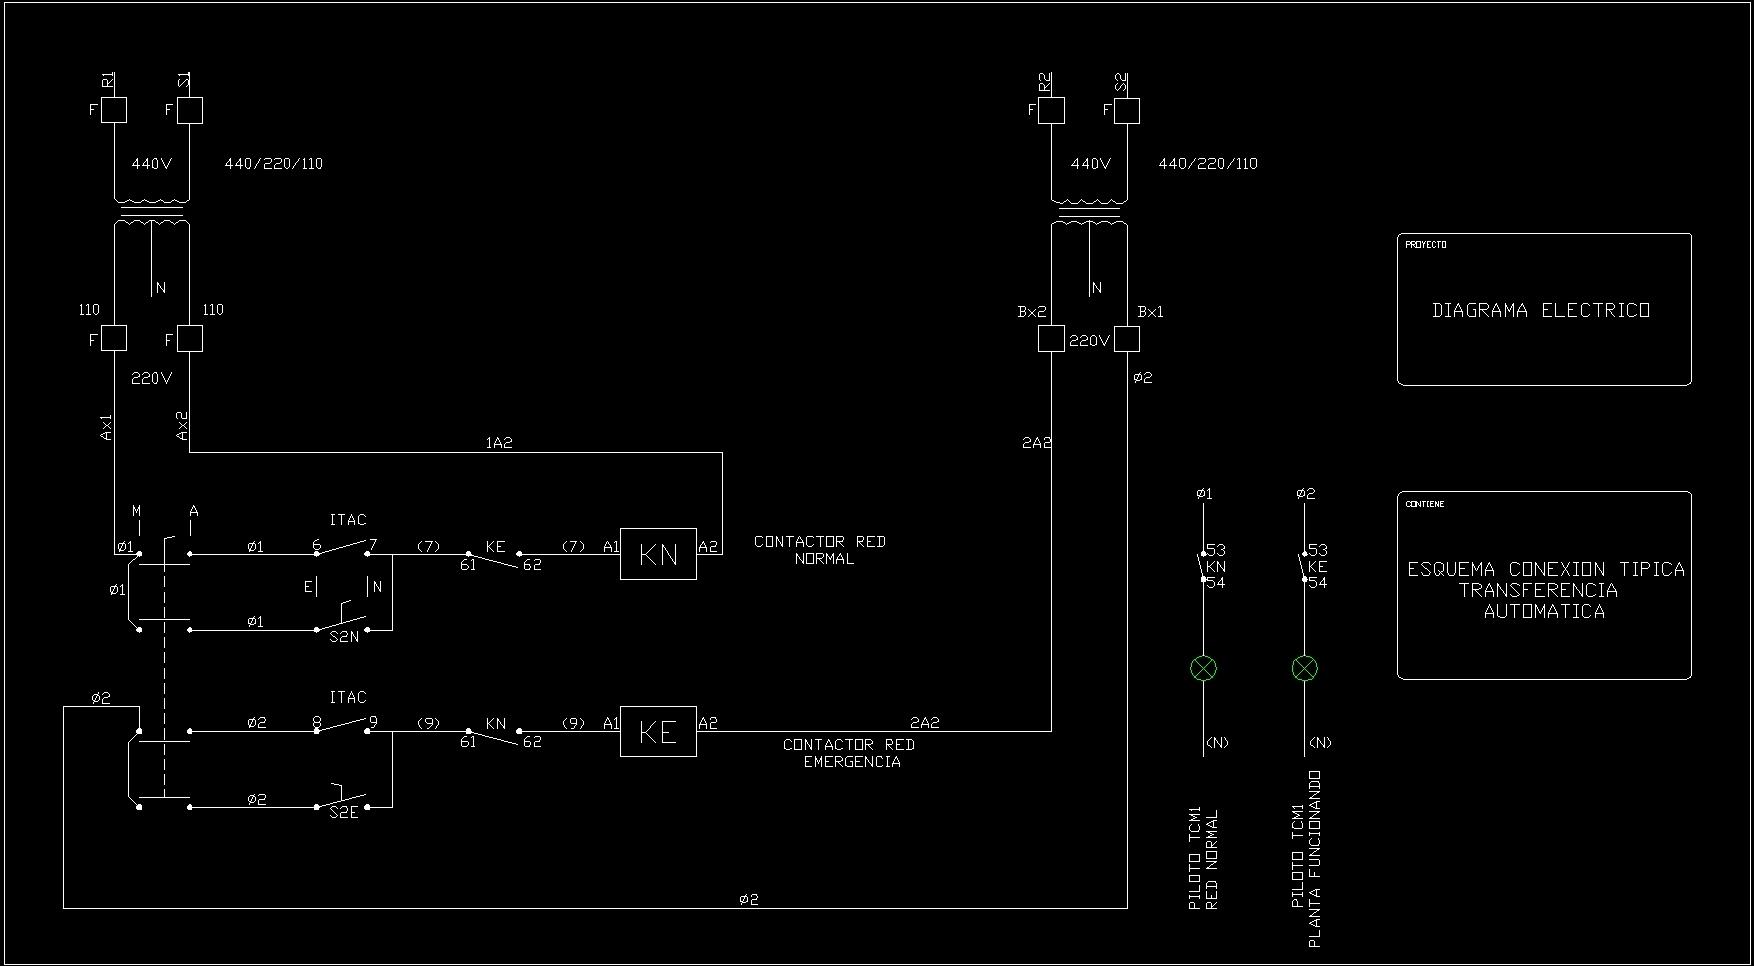 Diagramas El U00c9ctricos Dwg Block For Autocad  U2013 Designs Cad